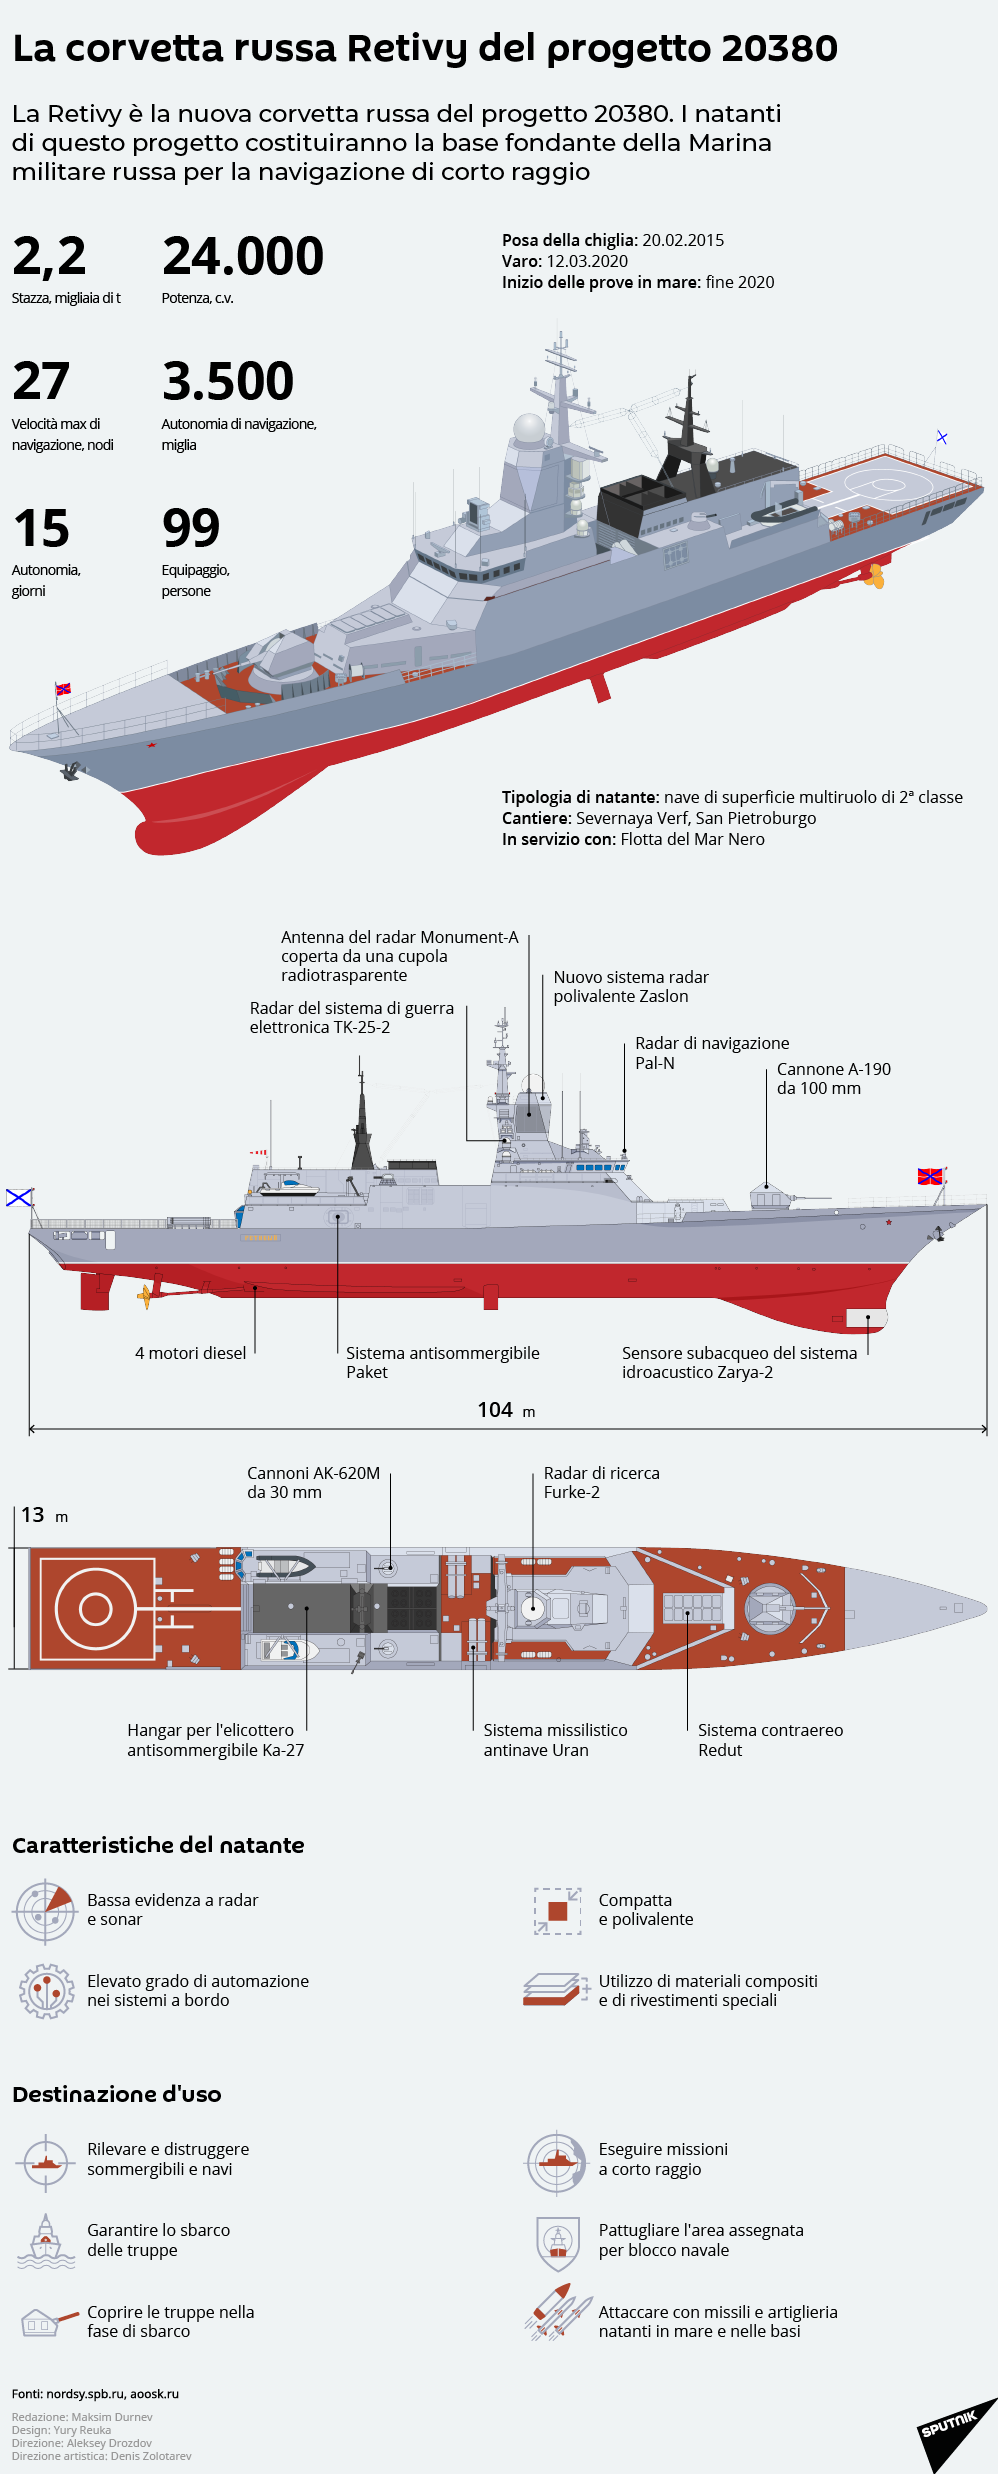 La corvetta russa Retivy del progetto 20380